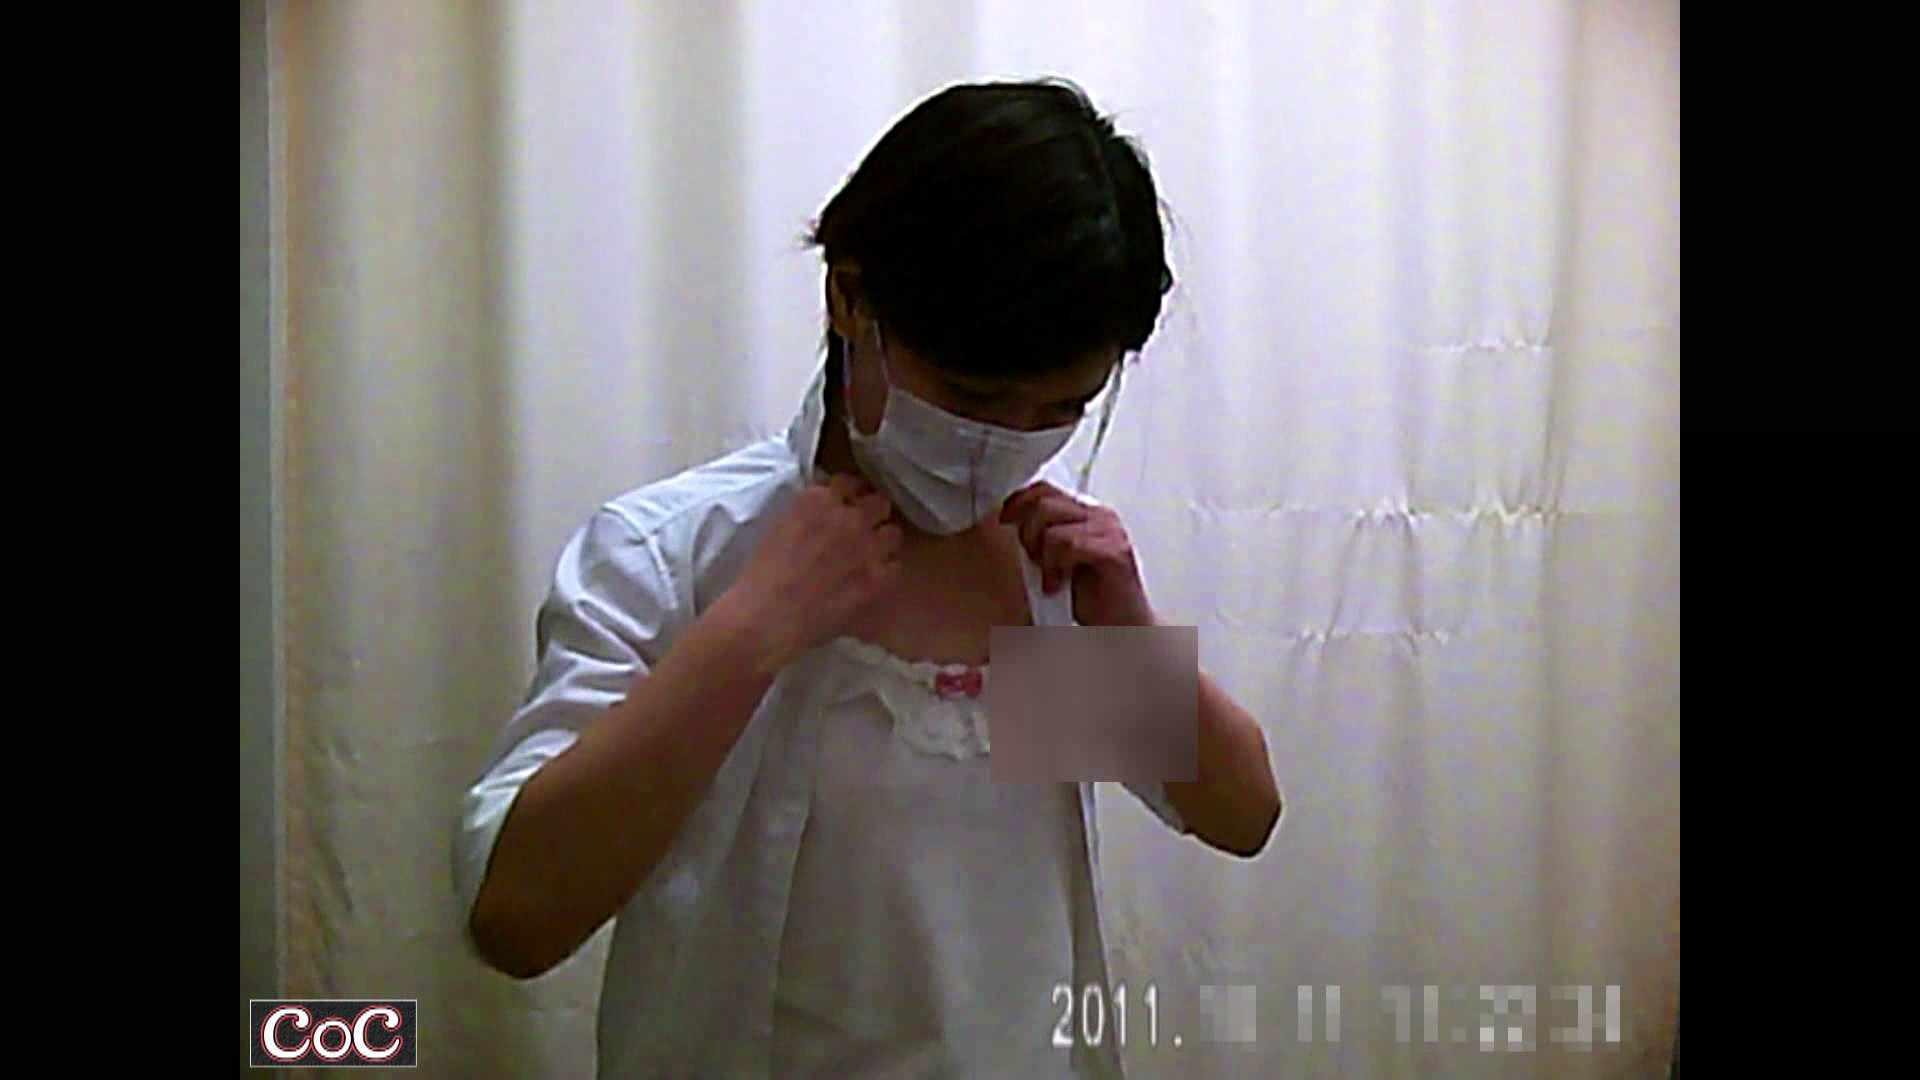 病院おもいっきり着替え! vol.54 盗撮師作品 隠し撮りオマンコ動画紹介 103pic 87